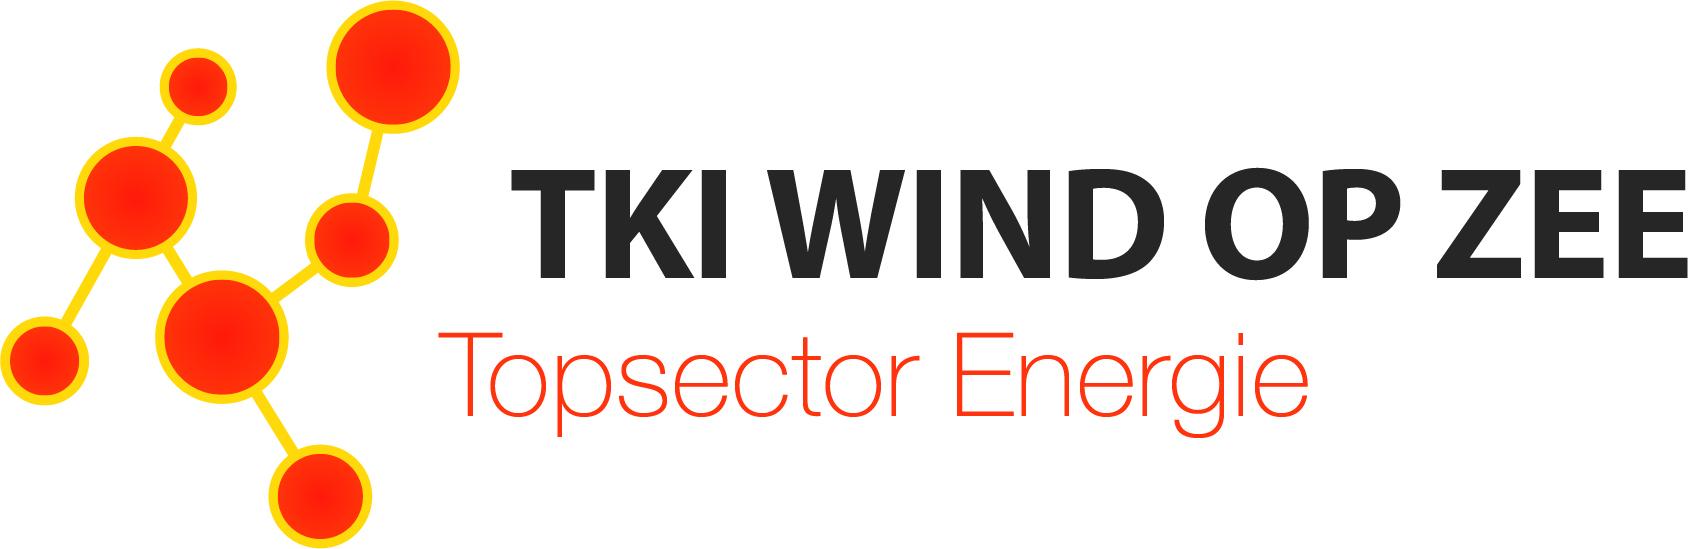 Logo Tki Wind op Zee